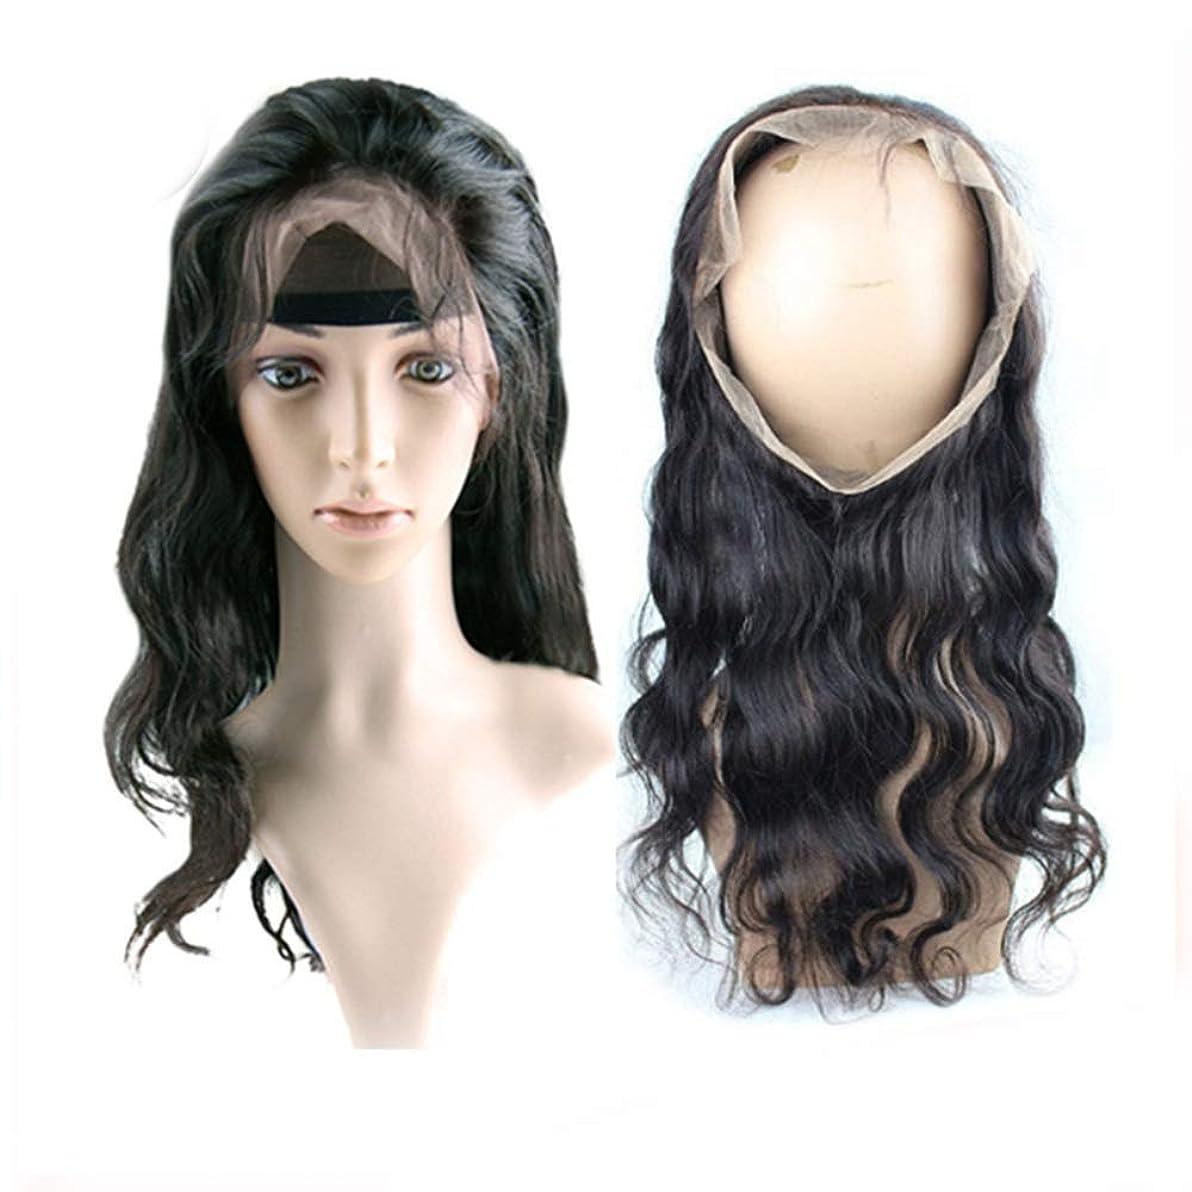 保護朝食を食べる平均BOBIDYEE 360°ヘアピース本物の髪の毛フルハンドメイドフルレースウィッグロングカーリーヘアは染めることができます複合ヘアレースウィッグロールプレイングかつら (色 : 黒, サイズ : 12inch)